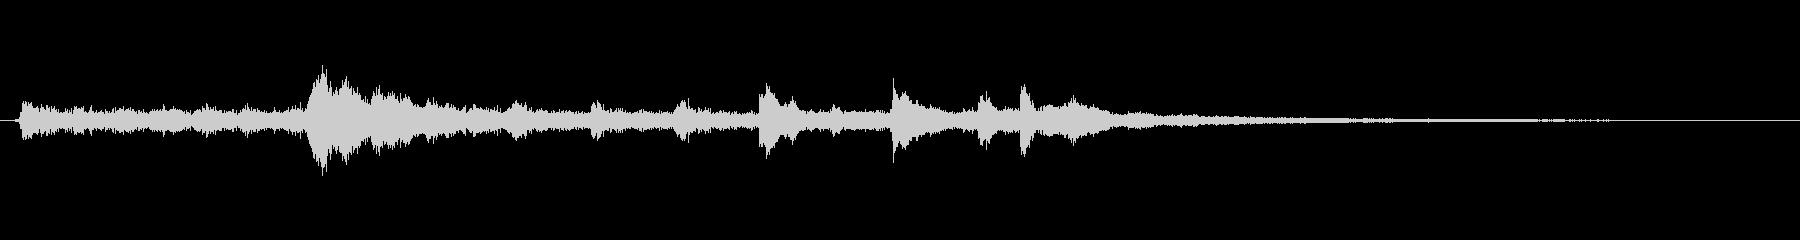 ボコーダ ボコーダーボーカル01の未再生の波形